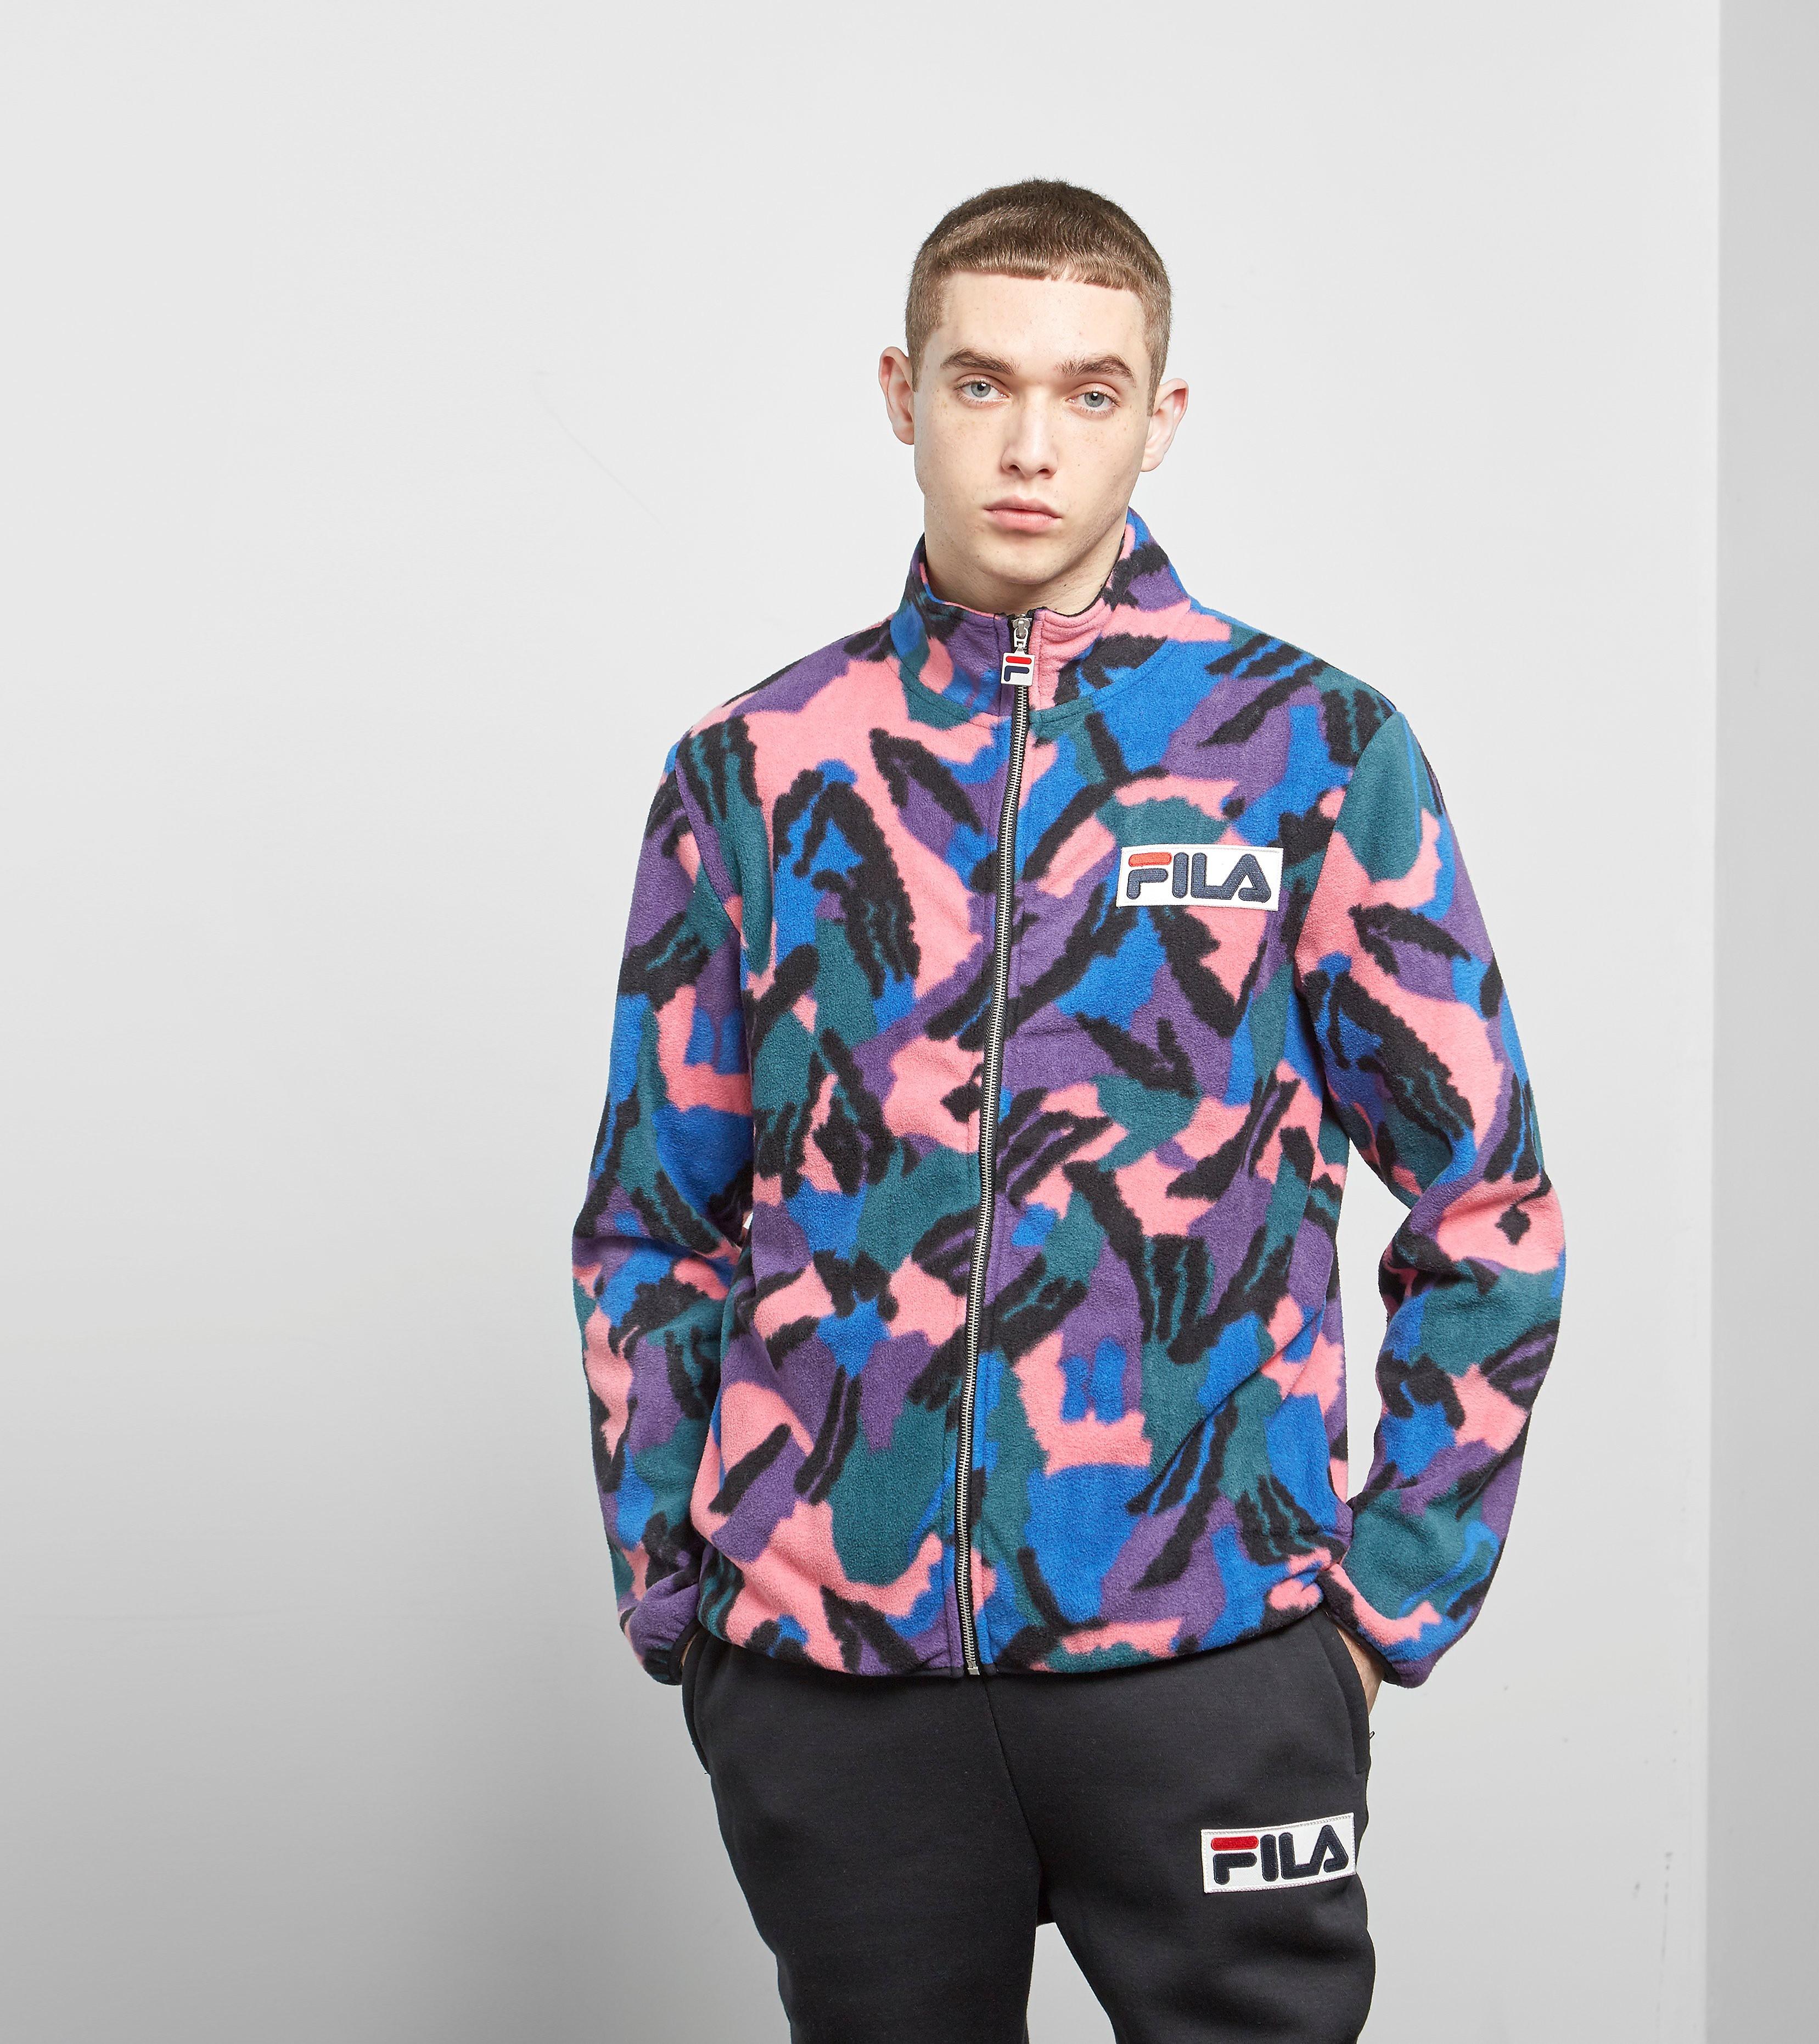 Fila Lavenshon Zip Jacket